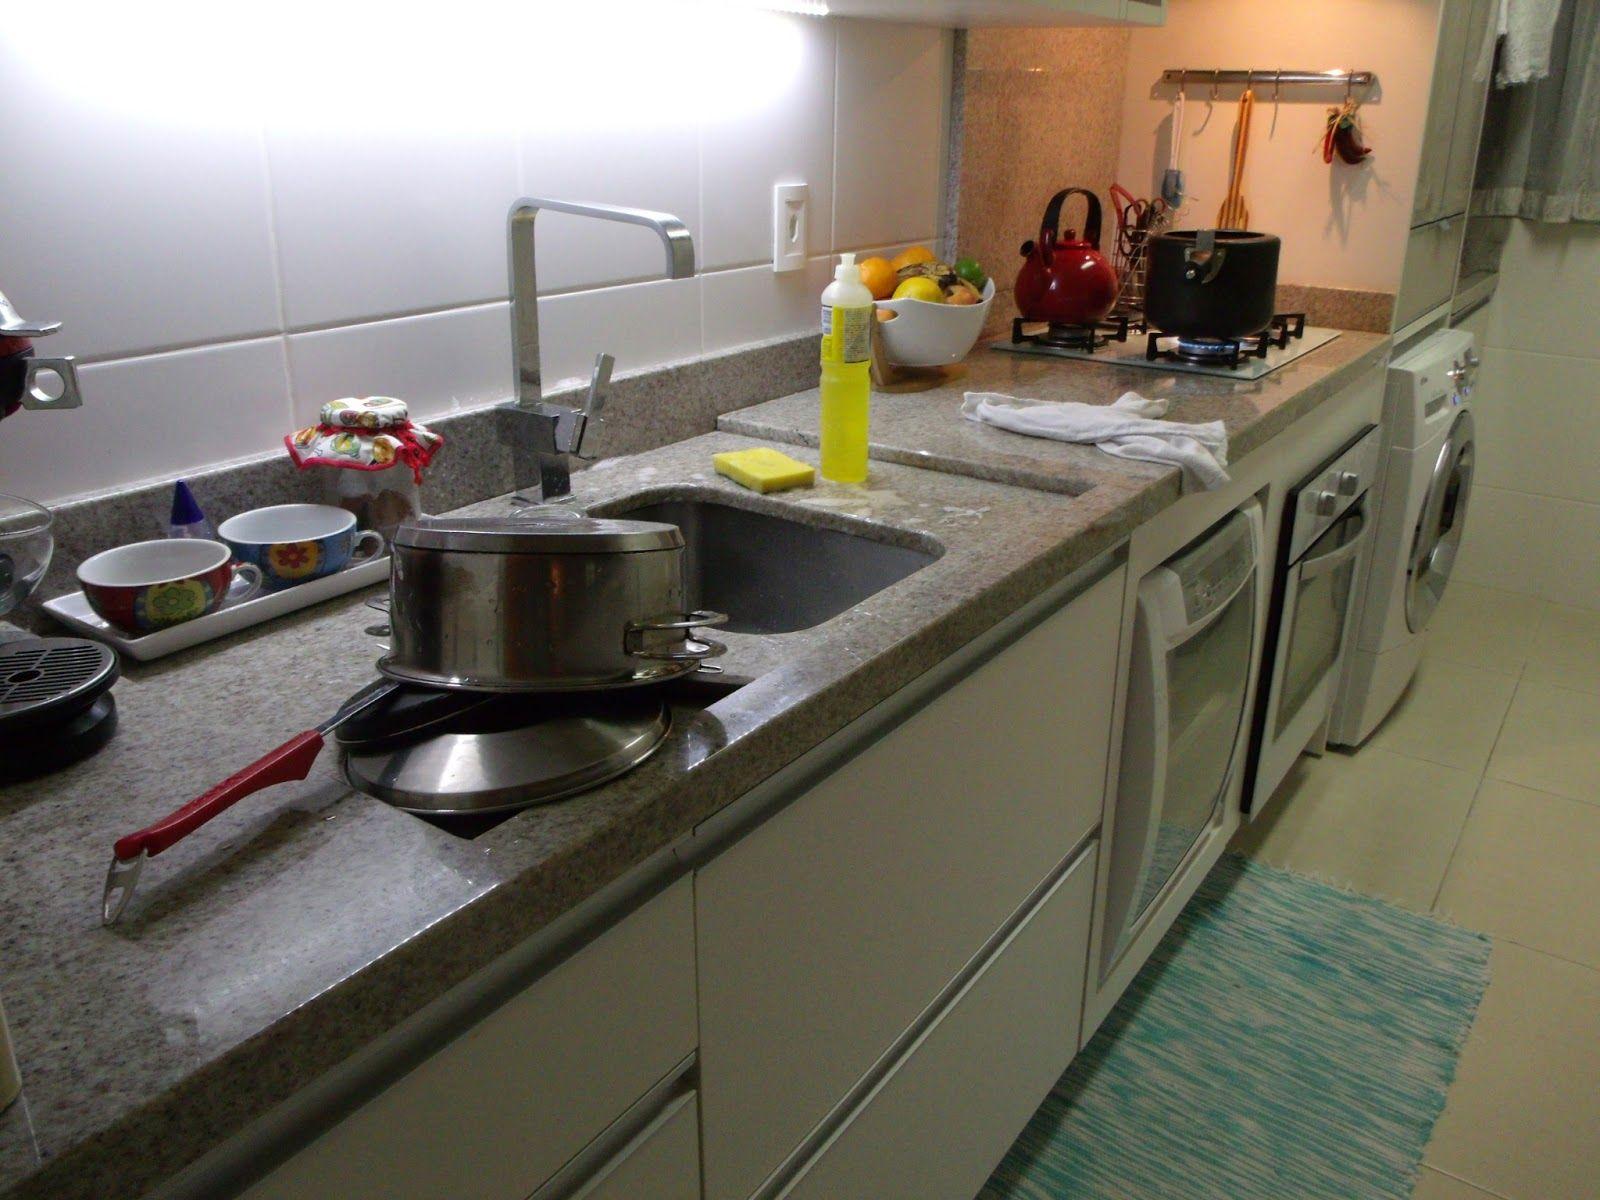 Excepcional apartamento decorado cozinha com lava louça - Pesquisa Google  EK37